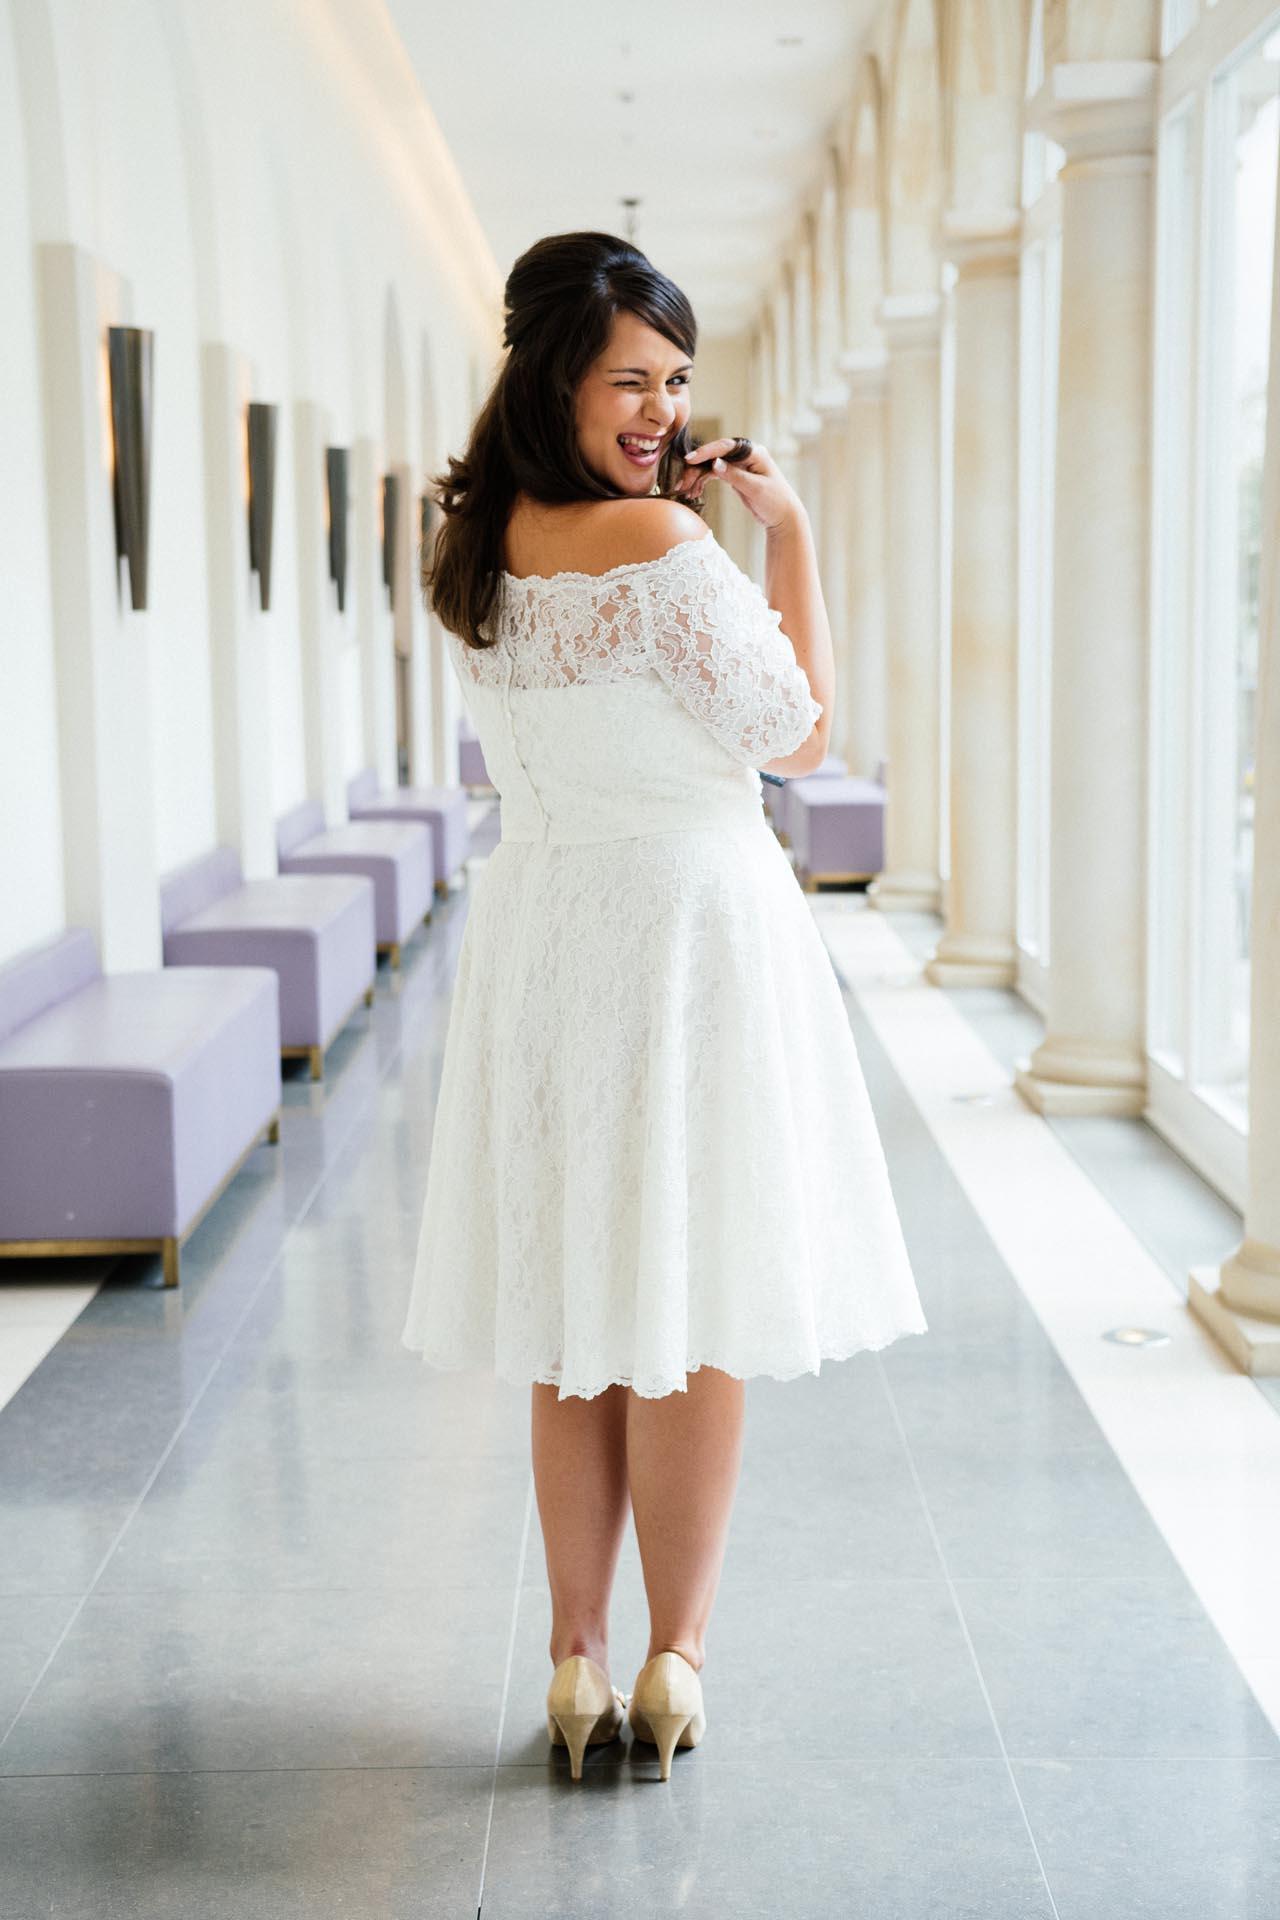 Brautkleider große Größen - moderne Hochzeitskleider in 48